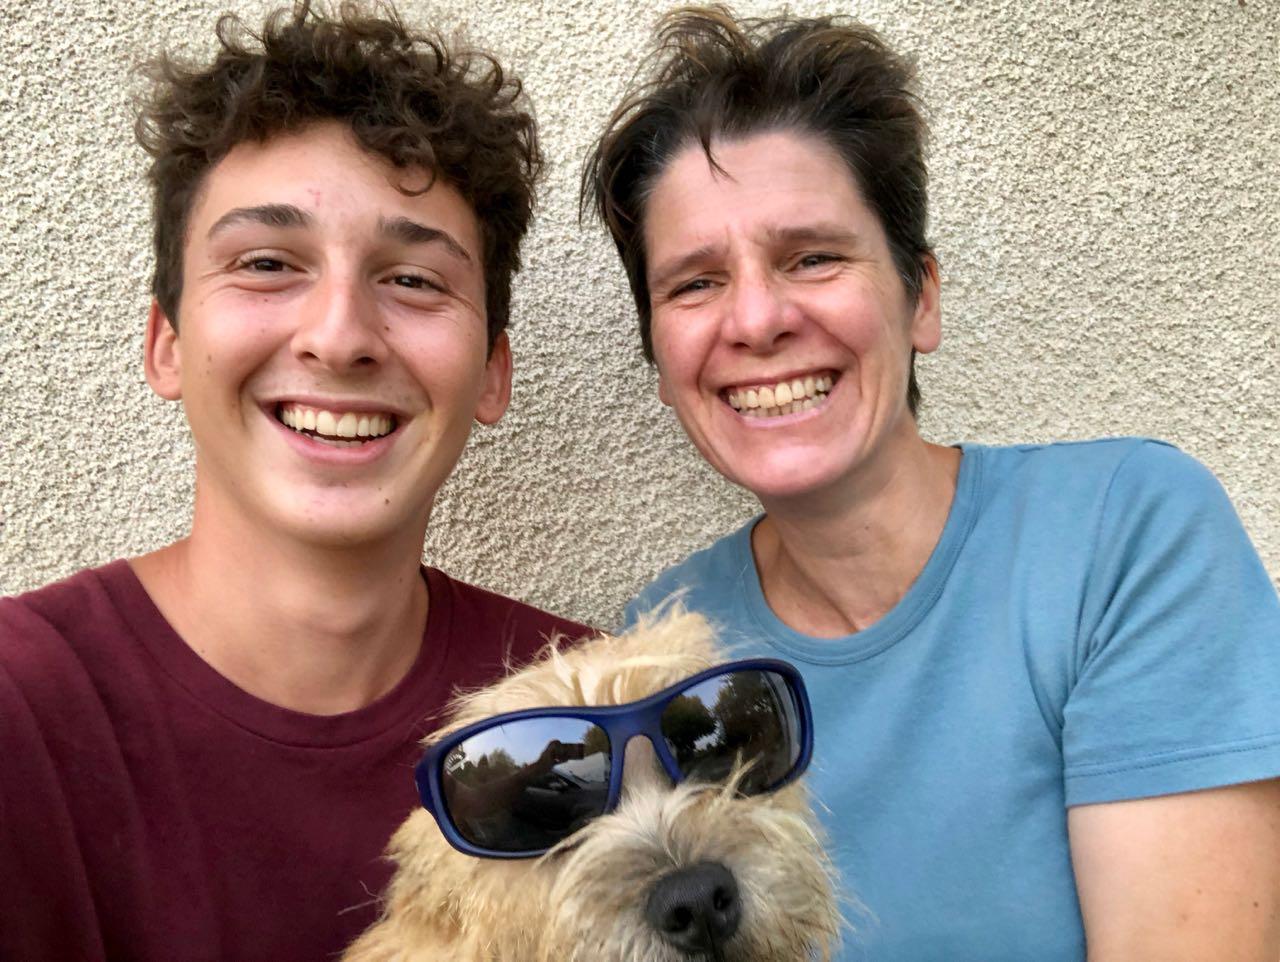 Gaëlle Tom et le chien Noup portant des lunettes de soleil pour le fou rire général !!